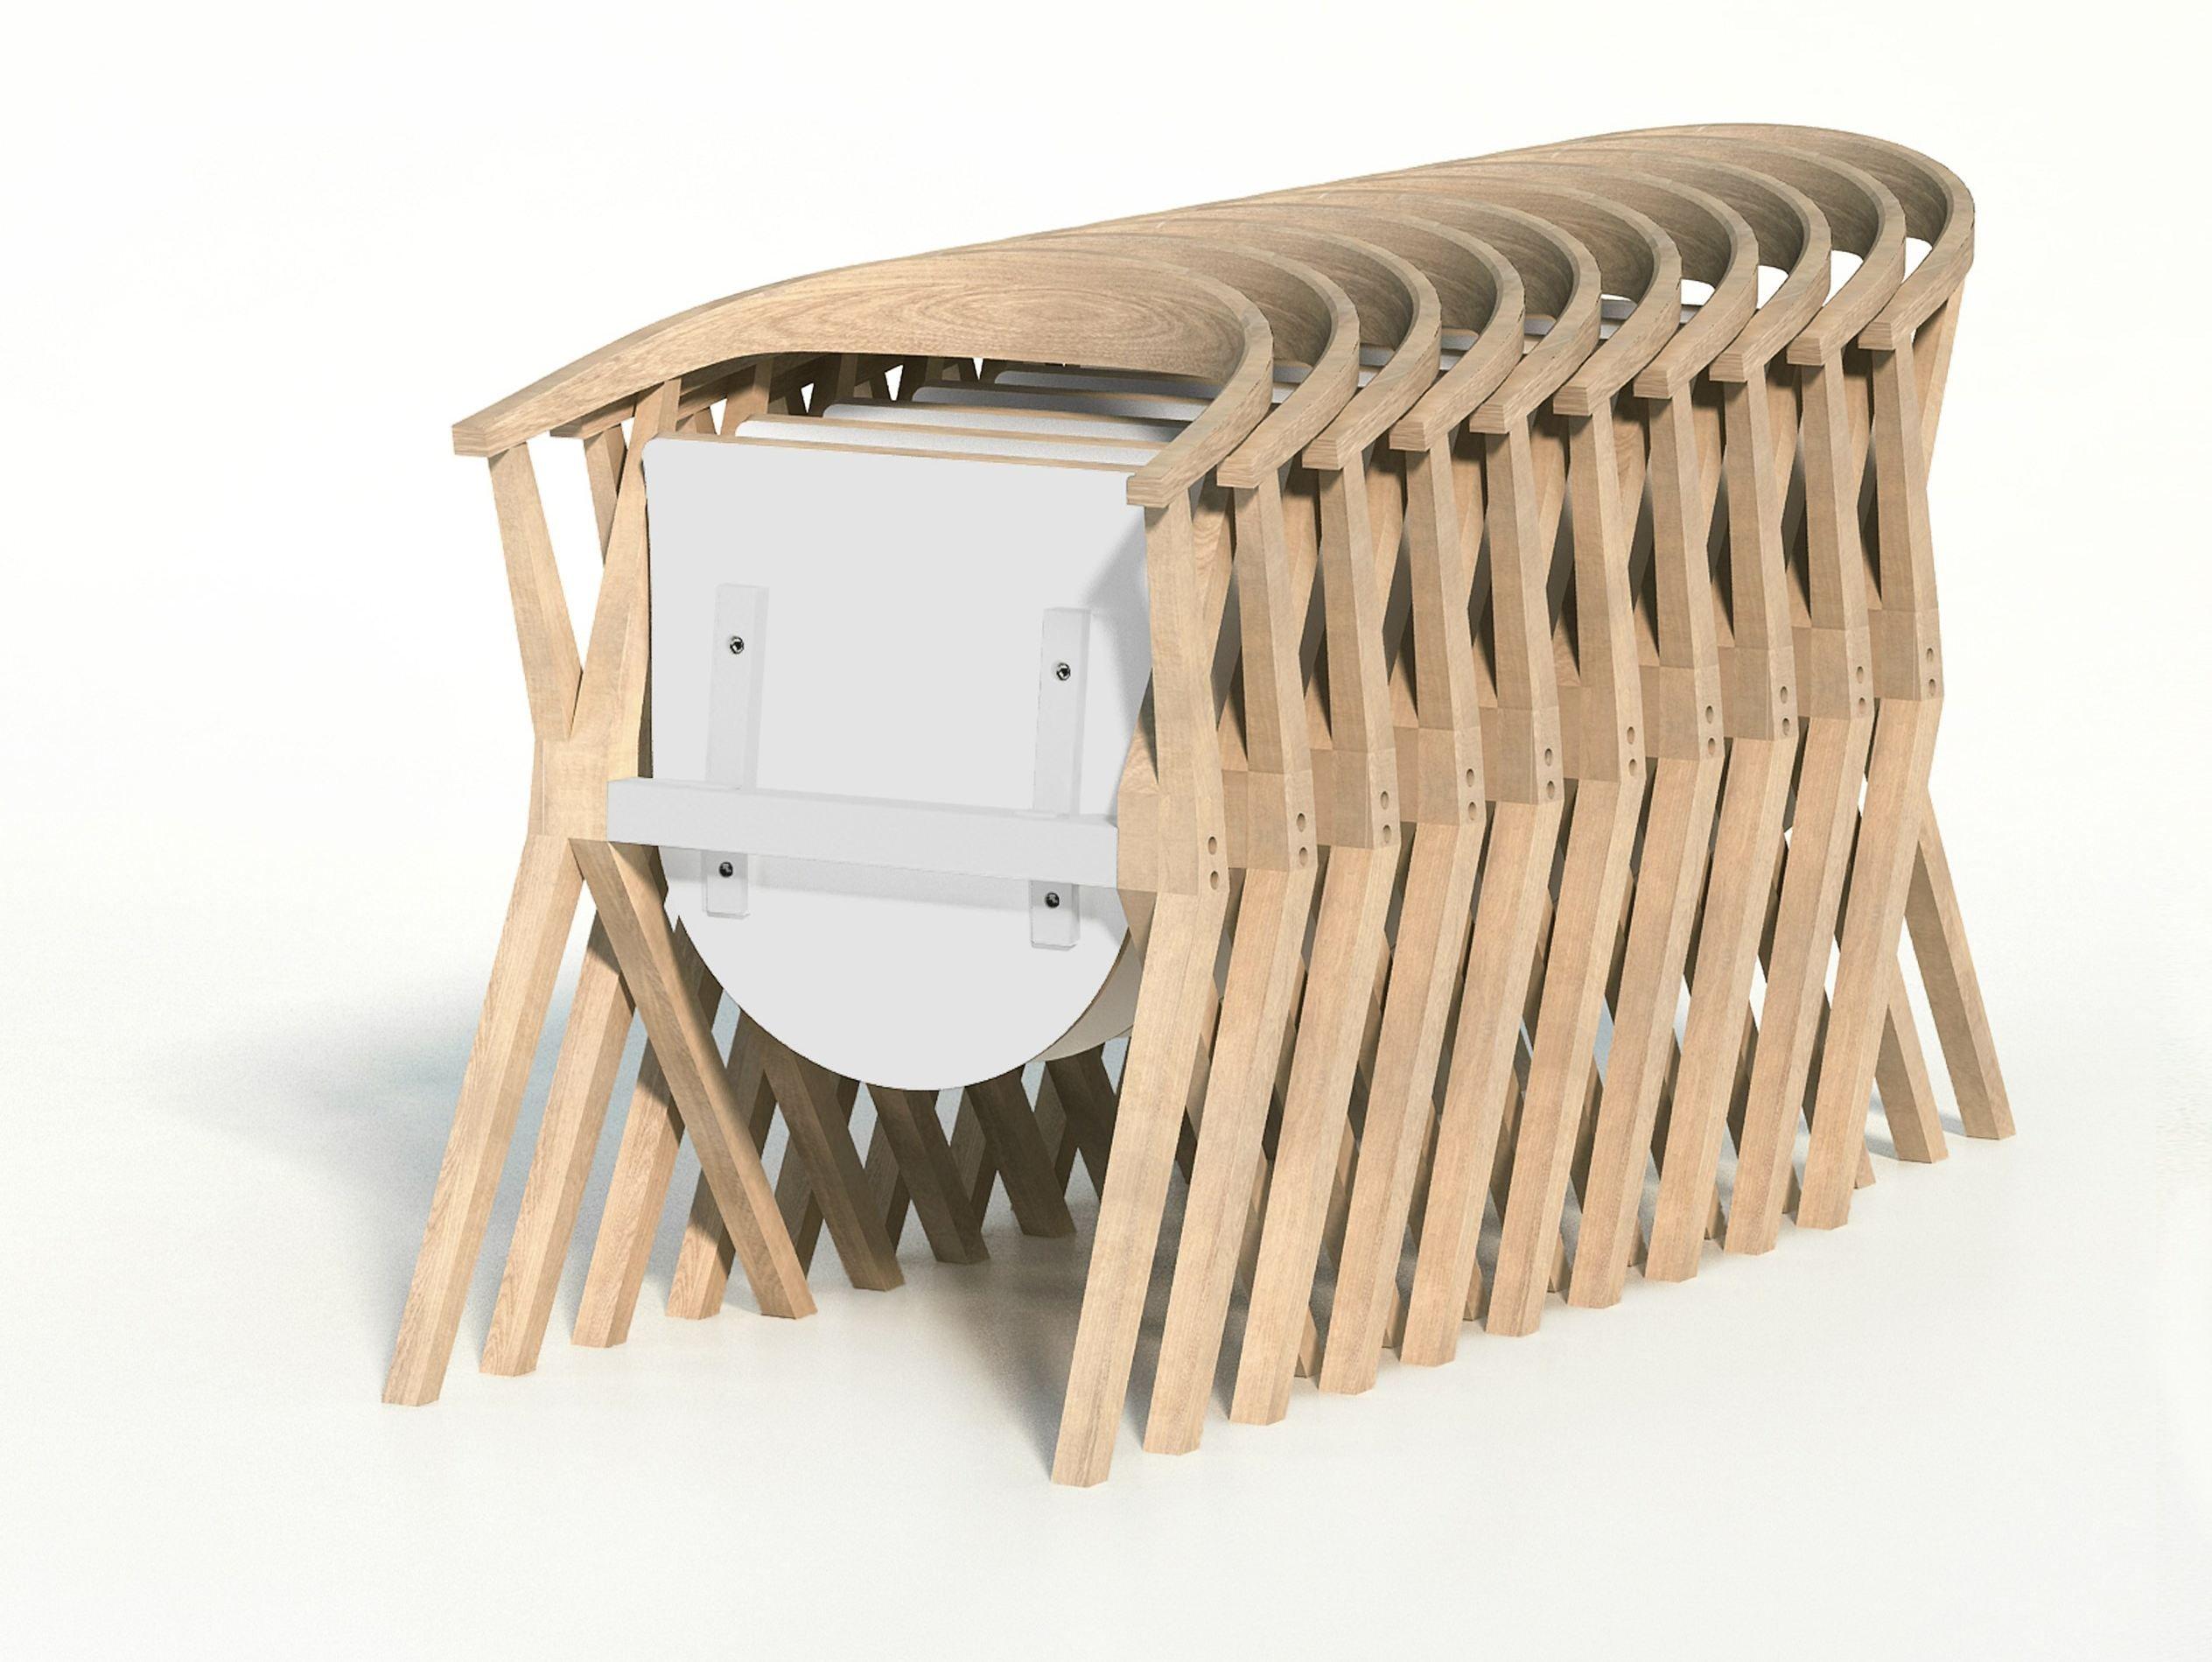 Cadeira dobrável de madeira maciça CHAIR B by BD Barcelona Design  #936838 2528x1899